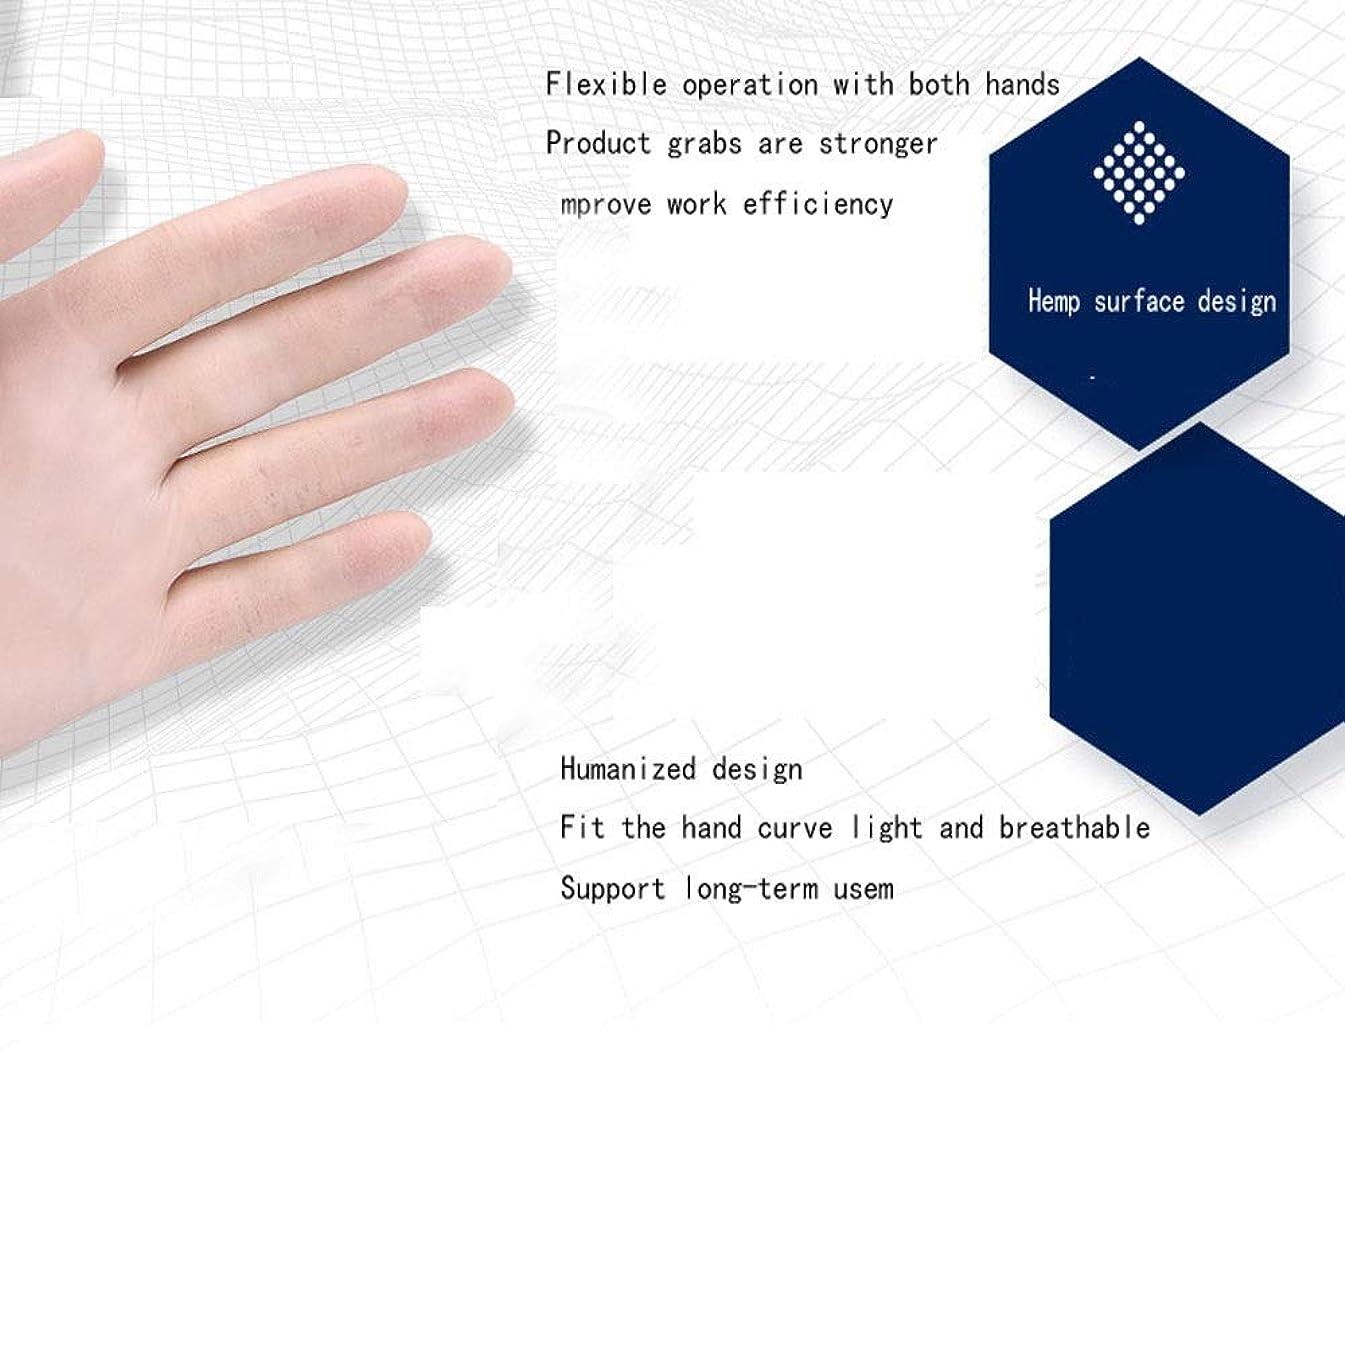 オーケストラ欠かせない中にSafeguard Nitri Disposable Gloves、パウダーフリー、食品用グローブ、ラテックスフリー、100 Pcサニタリーグローブ (サイズ さいず : S s)